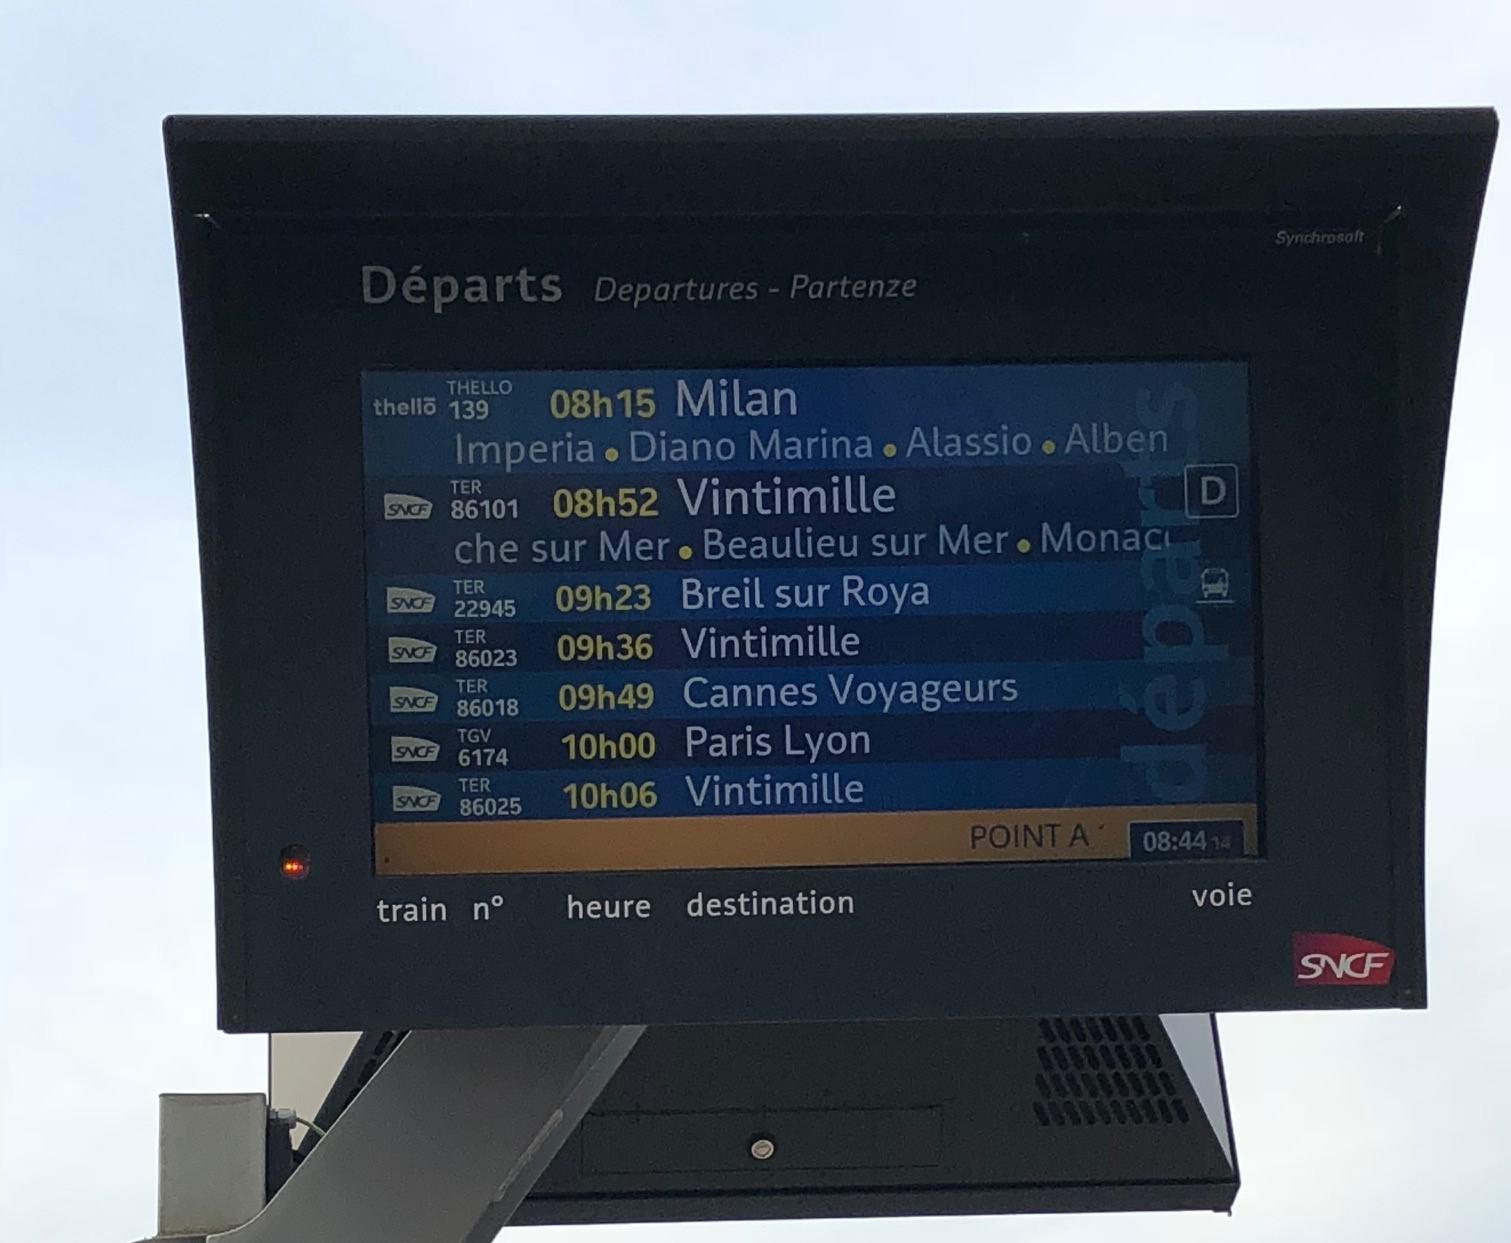 Grève SNCF : On troque le train par un autre moyen de transport